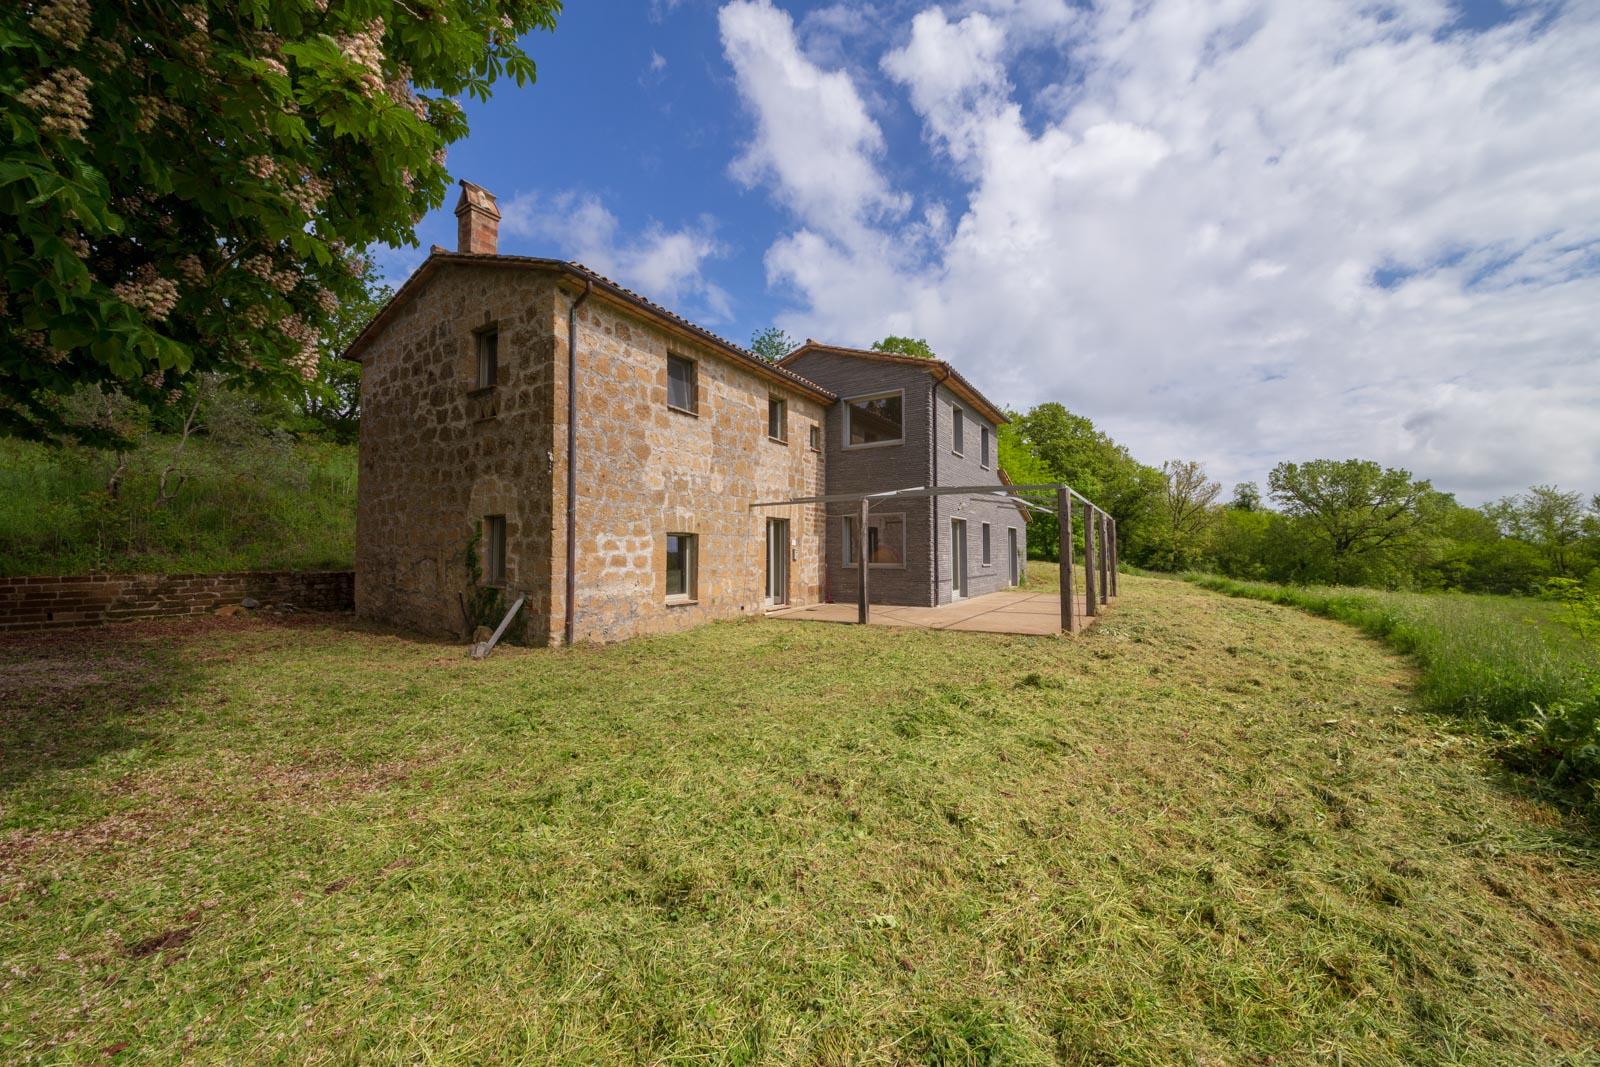 Deliziosa casale di campagna con ca. 2.4 ettari di terreno a soli 12 km da Orvieto